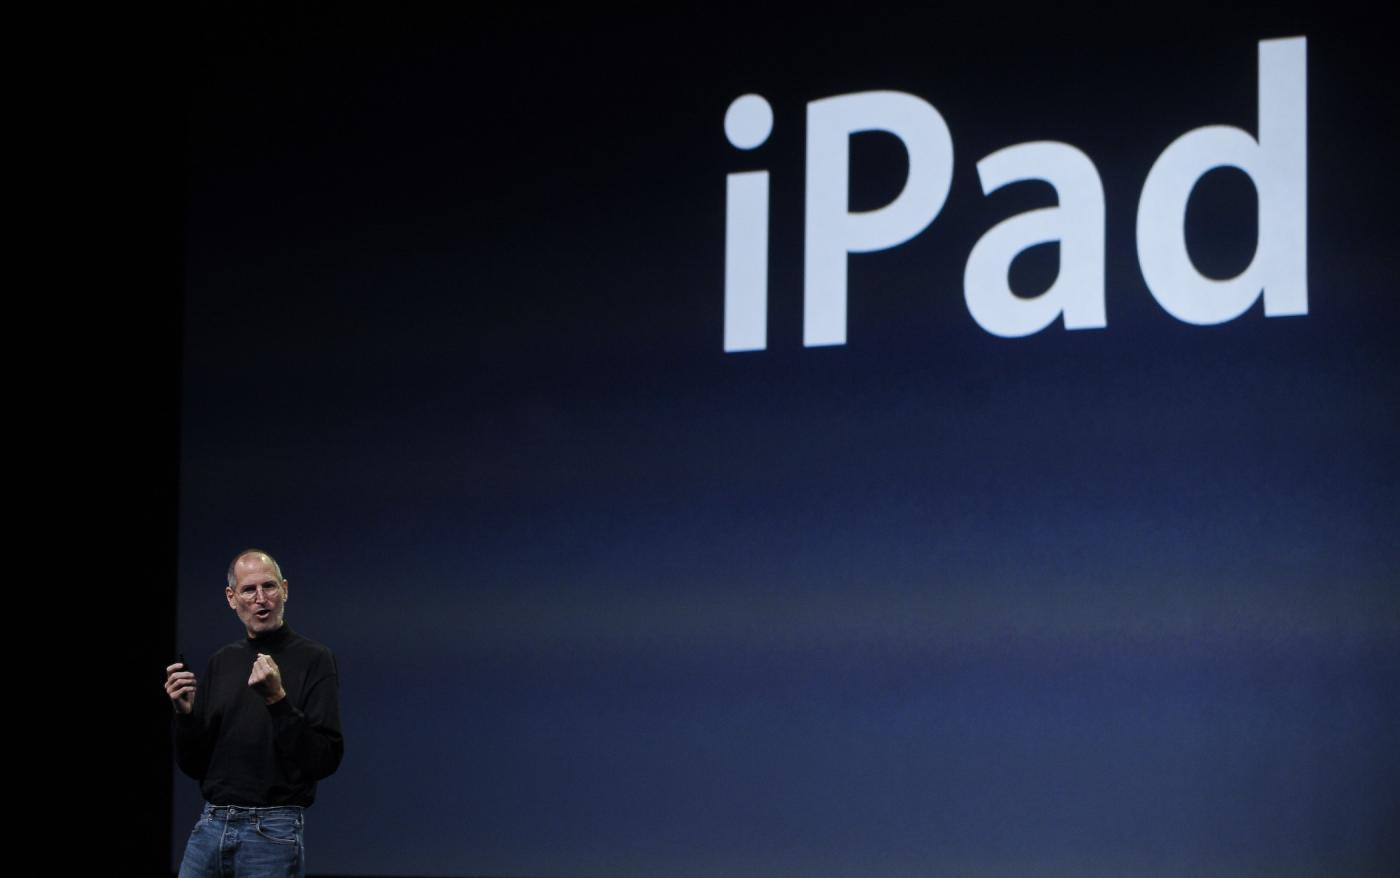 iPad compie 7 anni: il vero trionfo di Steve Jobs